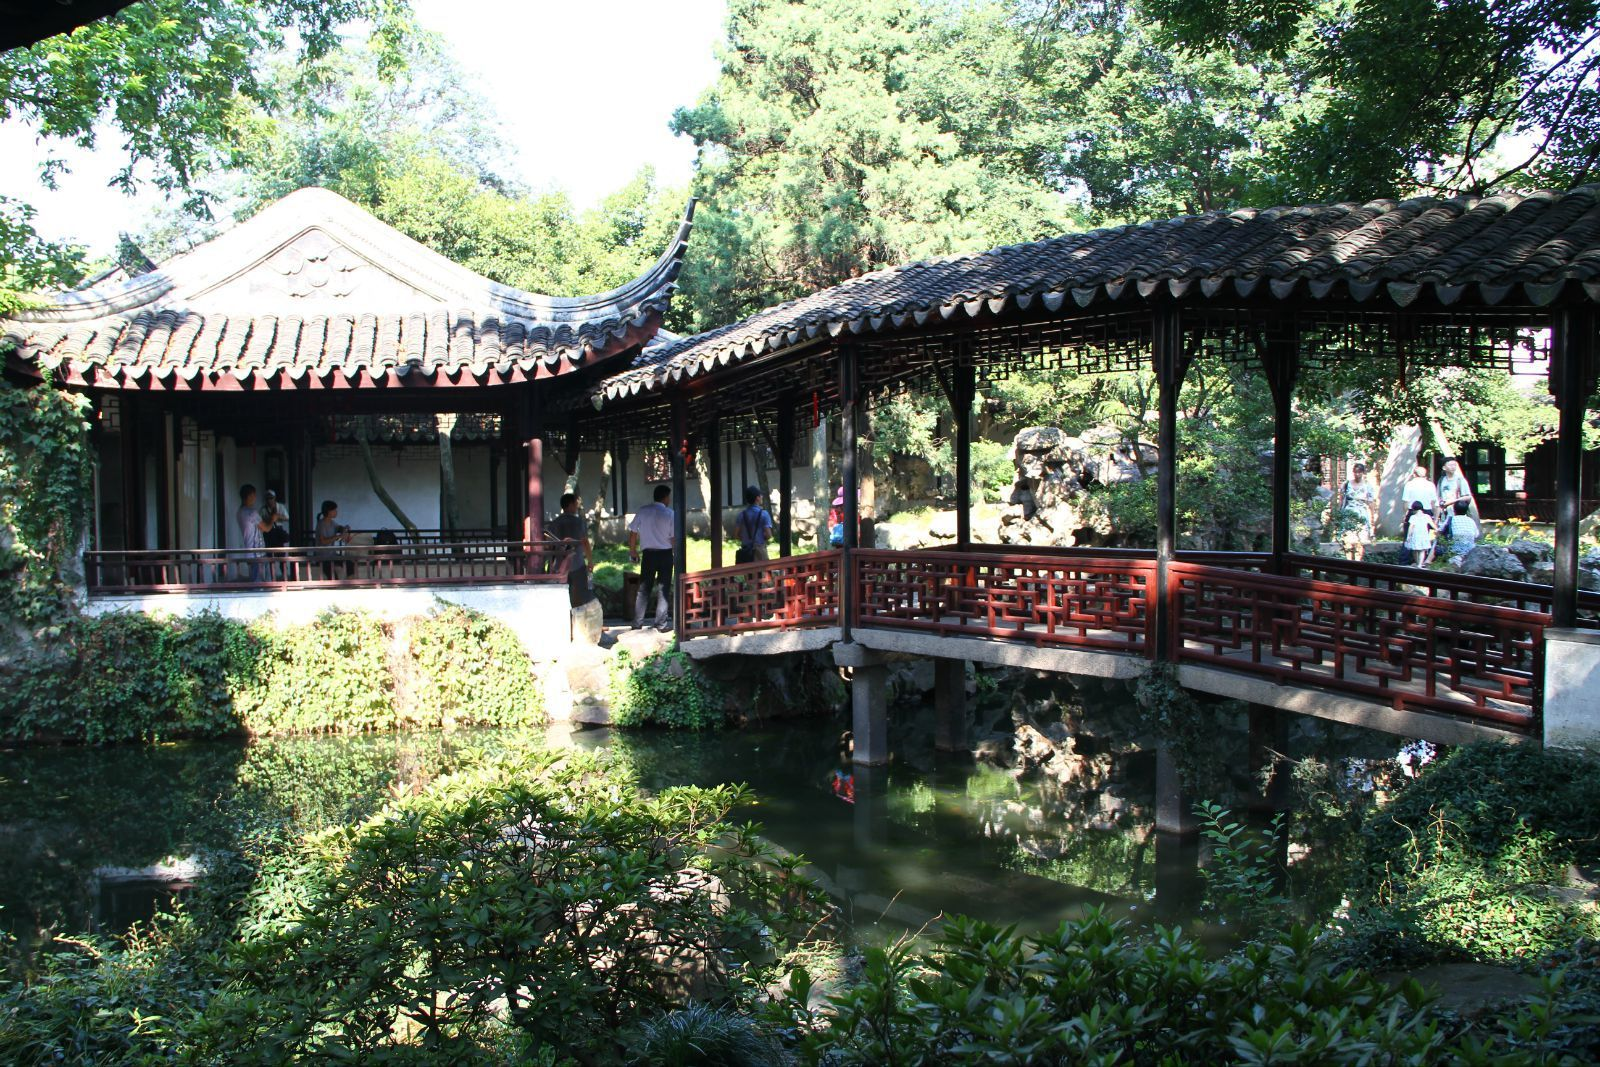 小飞虹是苏州园林中极为少见的廊桥